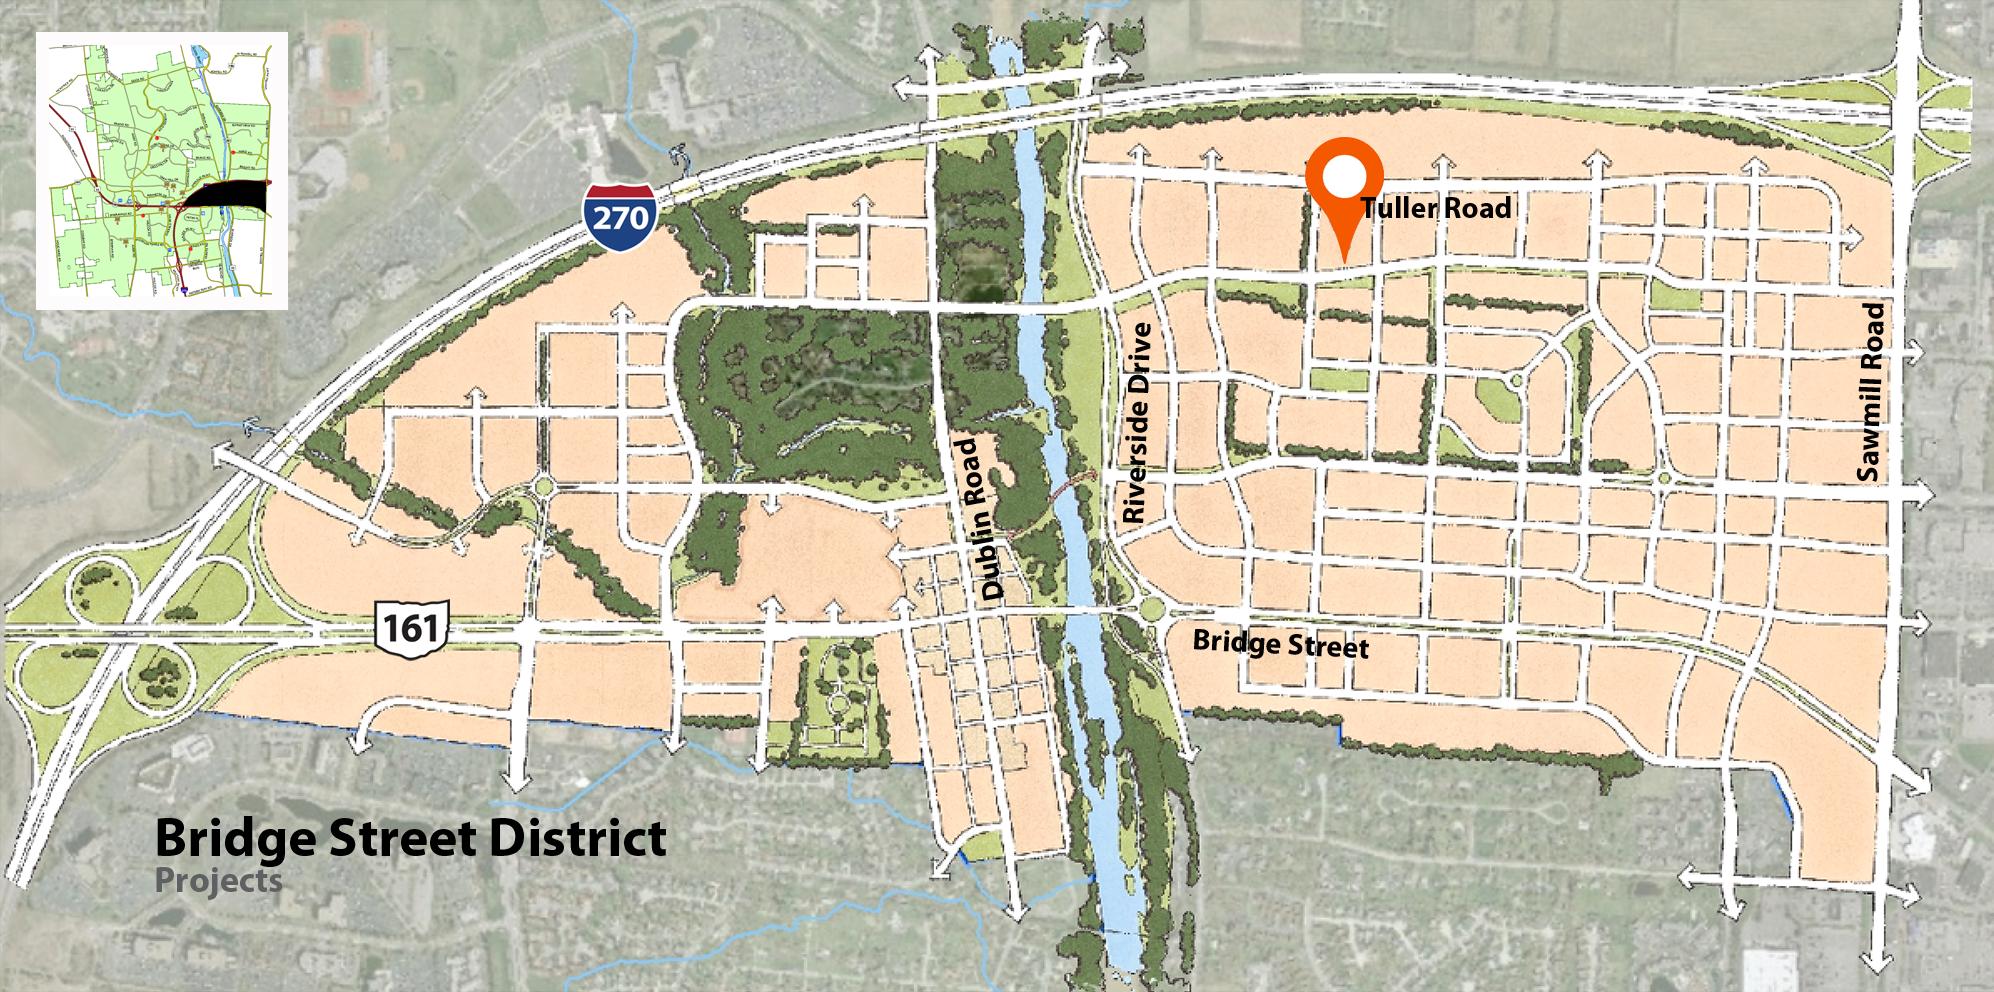 map-tuller-flats